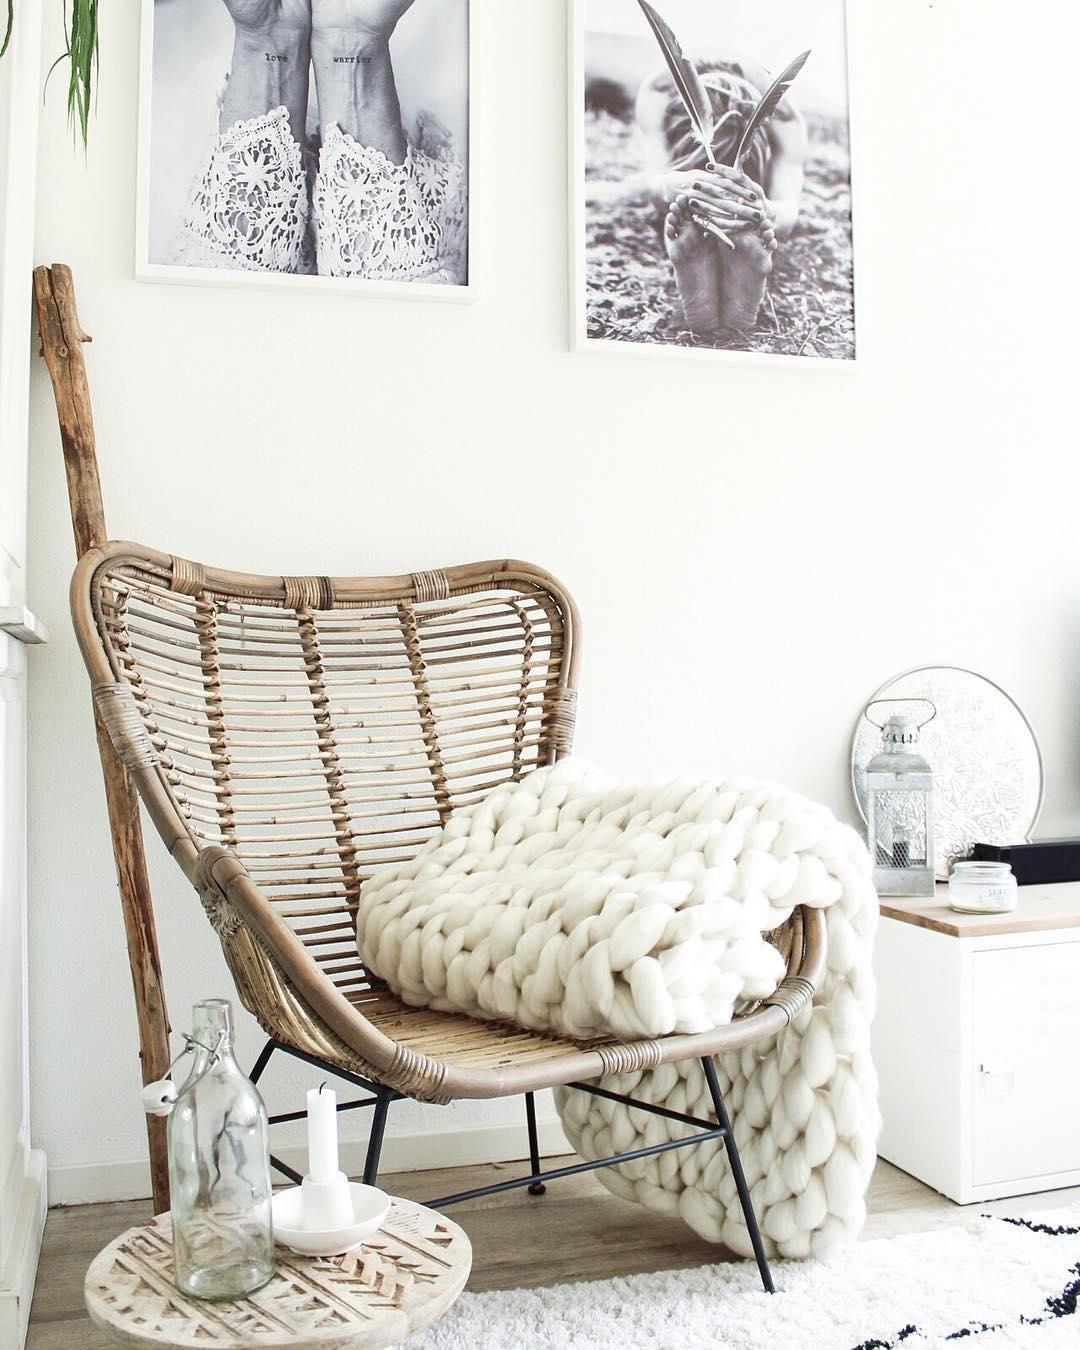 Full Size of Rattan Sessel Egg Mit Bildern Betten Ikea 160x200 Küche Kosten Garten Beistelltisch Modulküche Sofa Schlaffunktion Bei Miniküche Kaufen Rattanmöbel Bett Wohnzimmer Rattan Beistelltisch Ikea